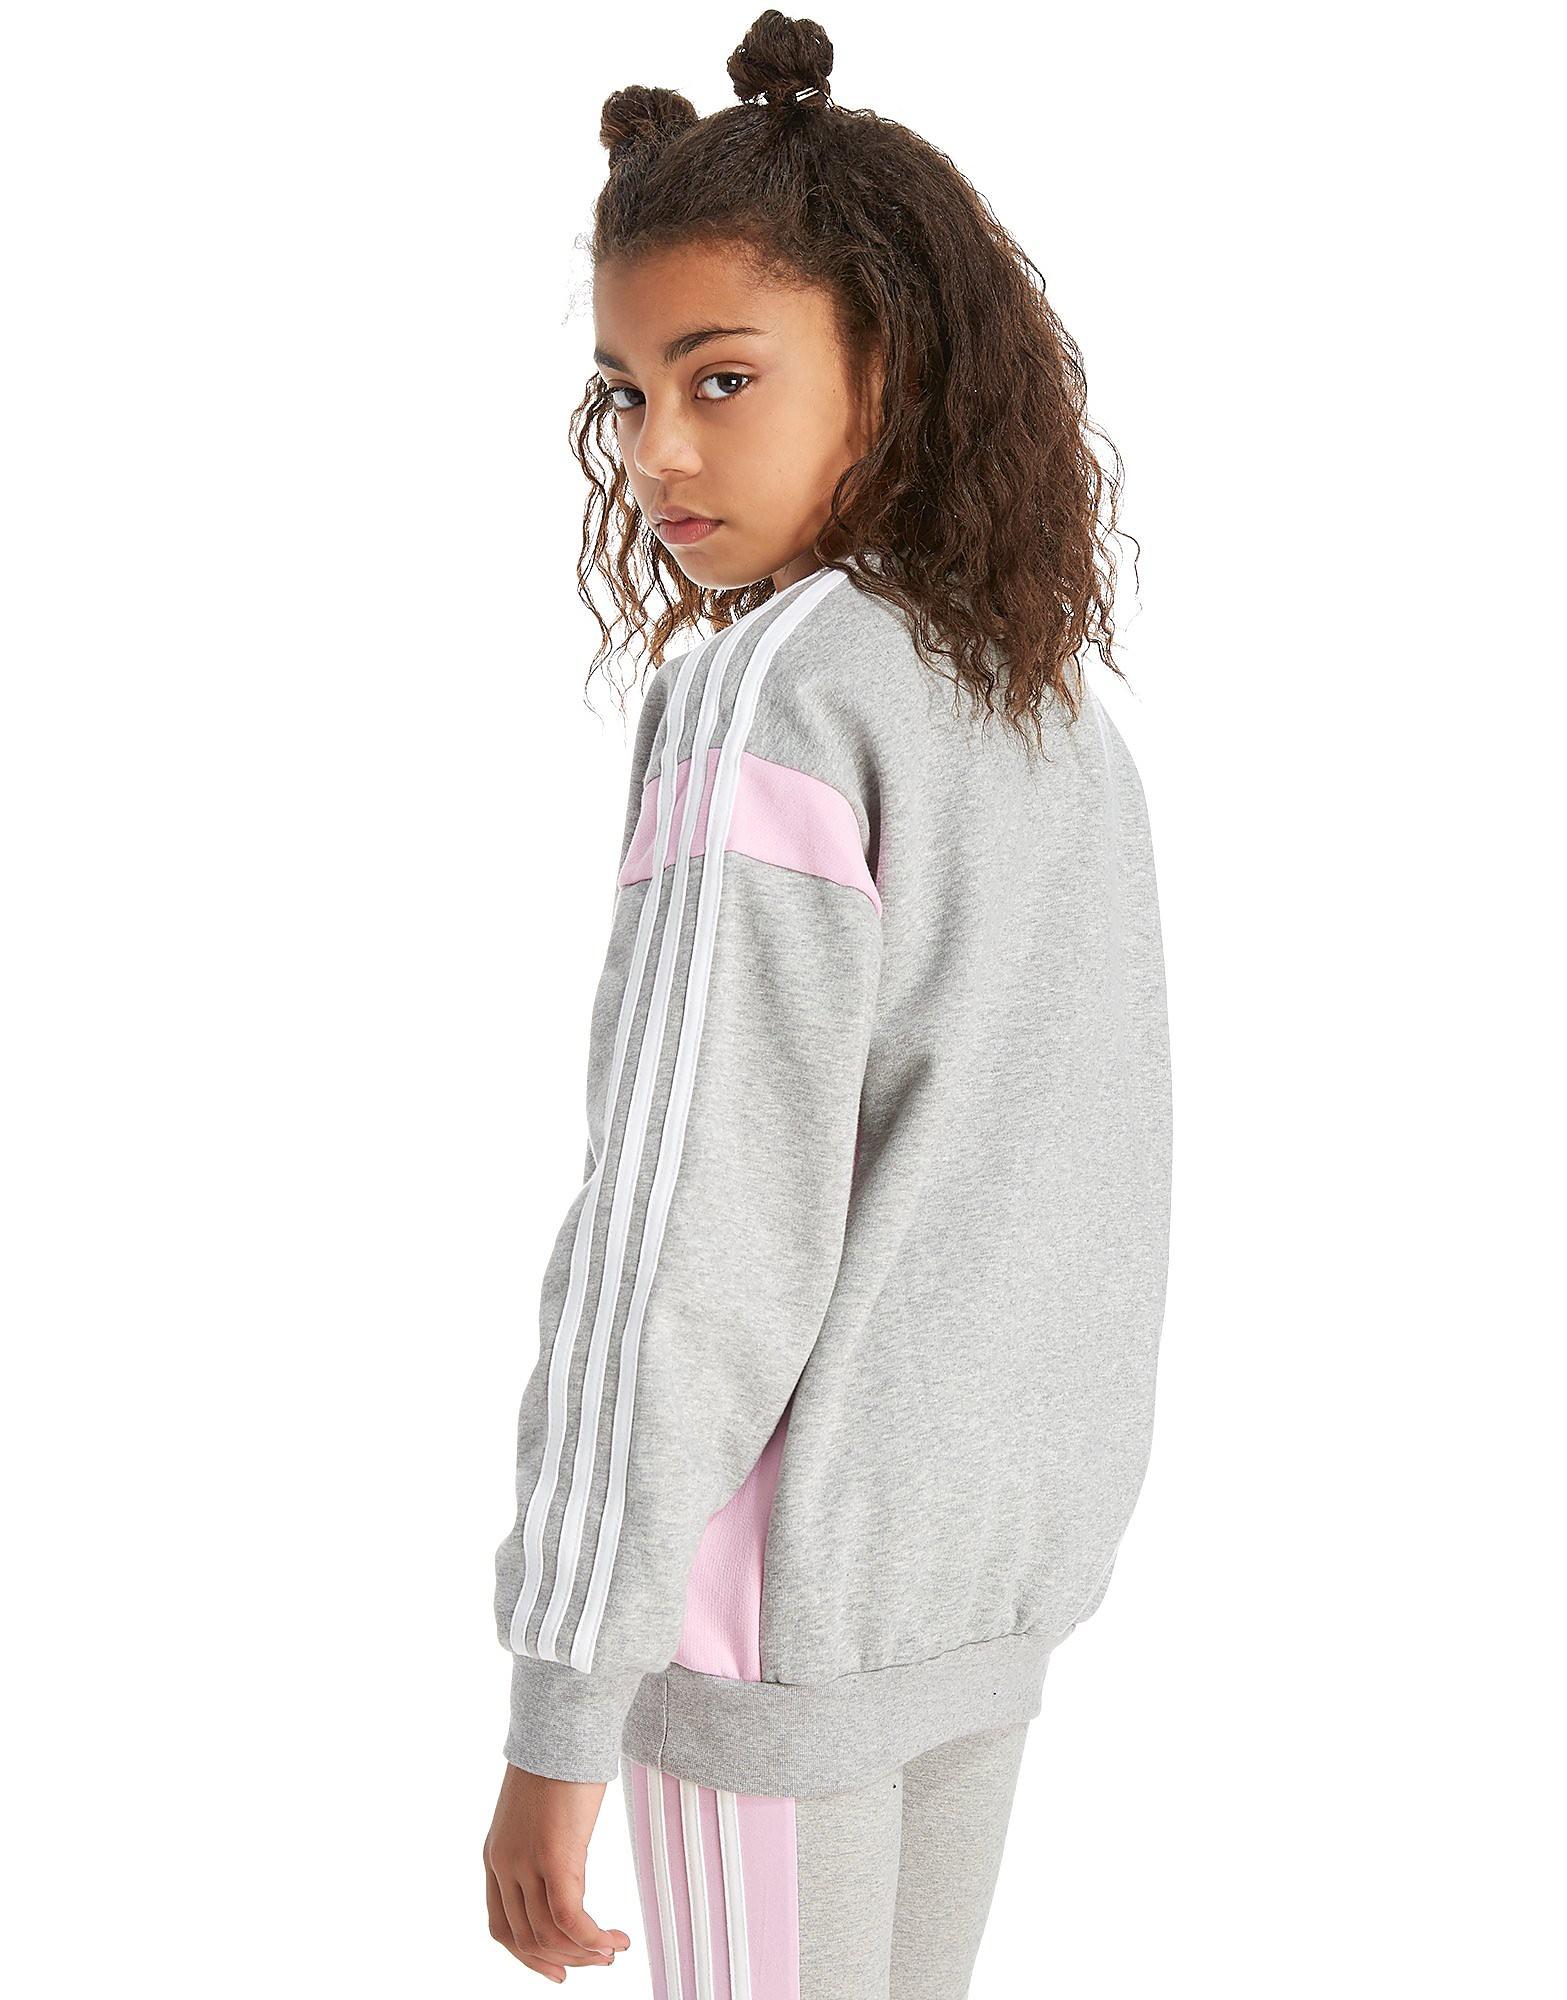 adidas Originals Boyfriend Fit Crew Sweatshirt Junior